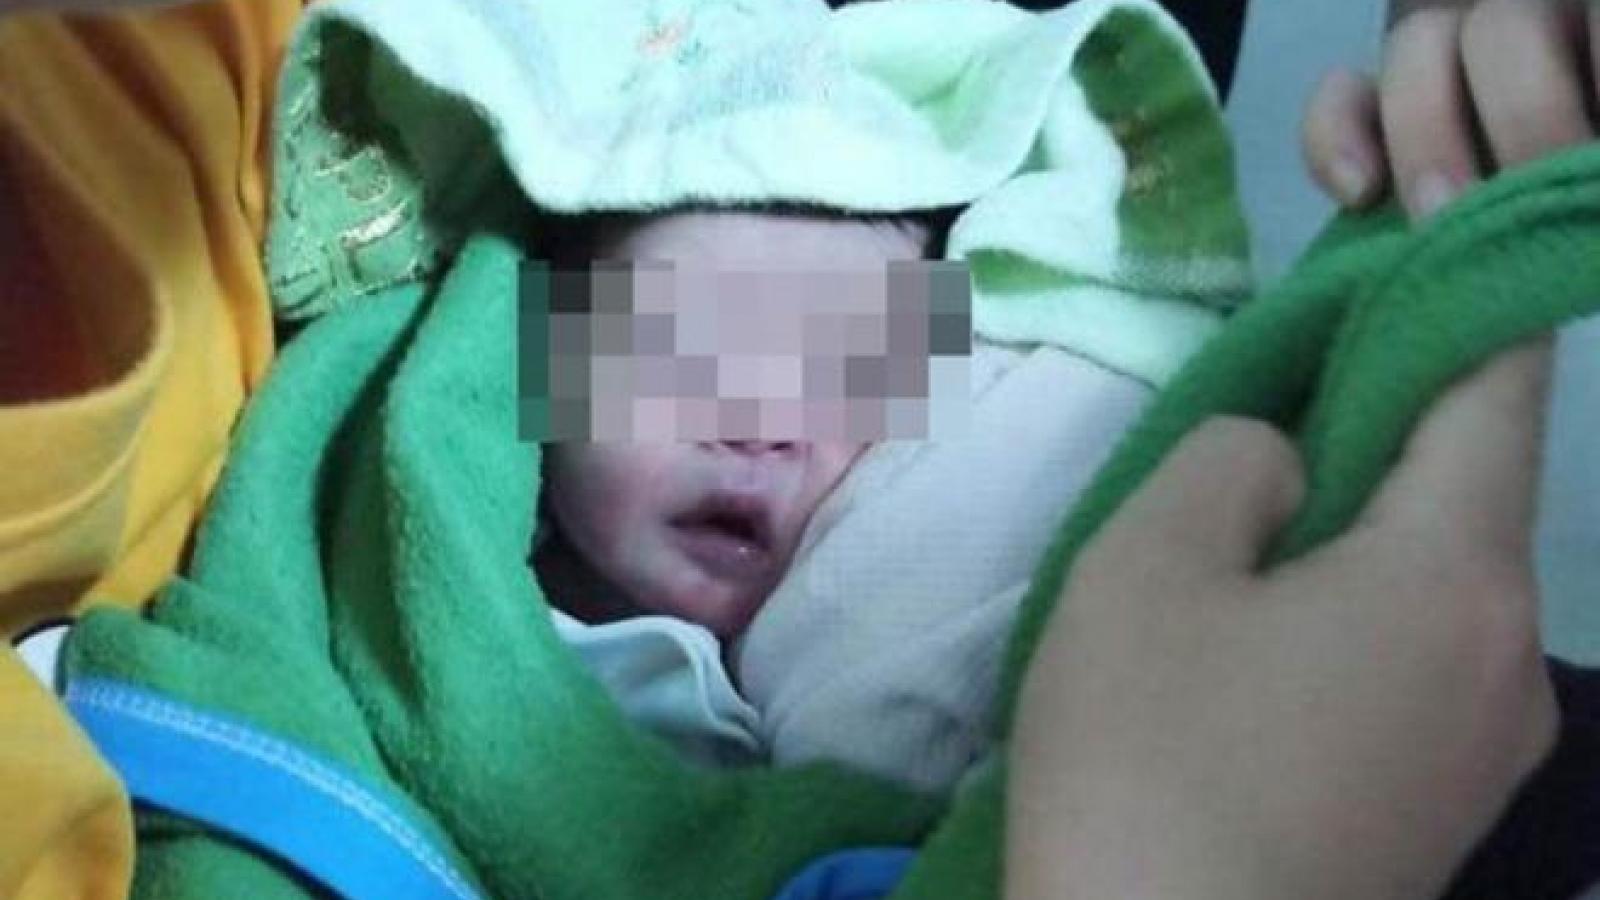 Bé trai sơ sinh bị bỏ rơi trên ghế đá ở TP.HCM